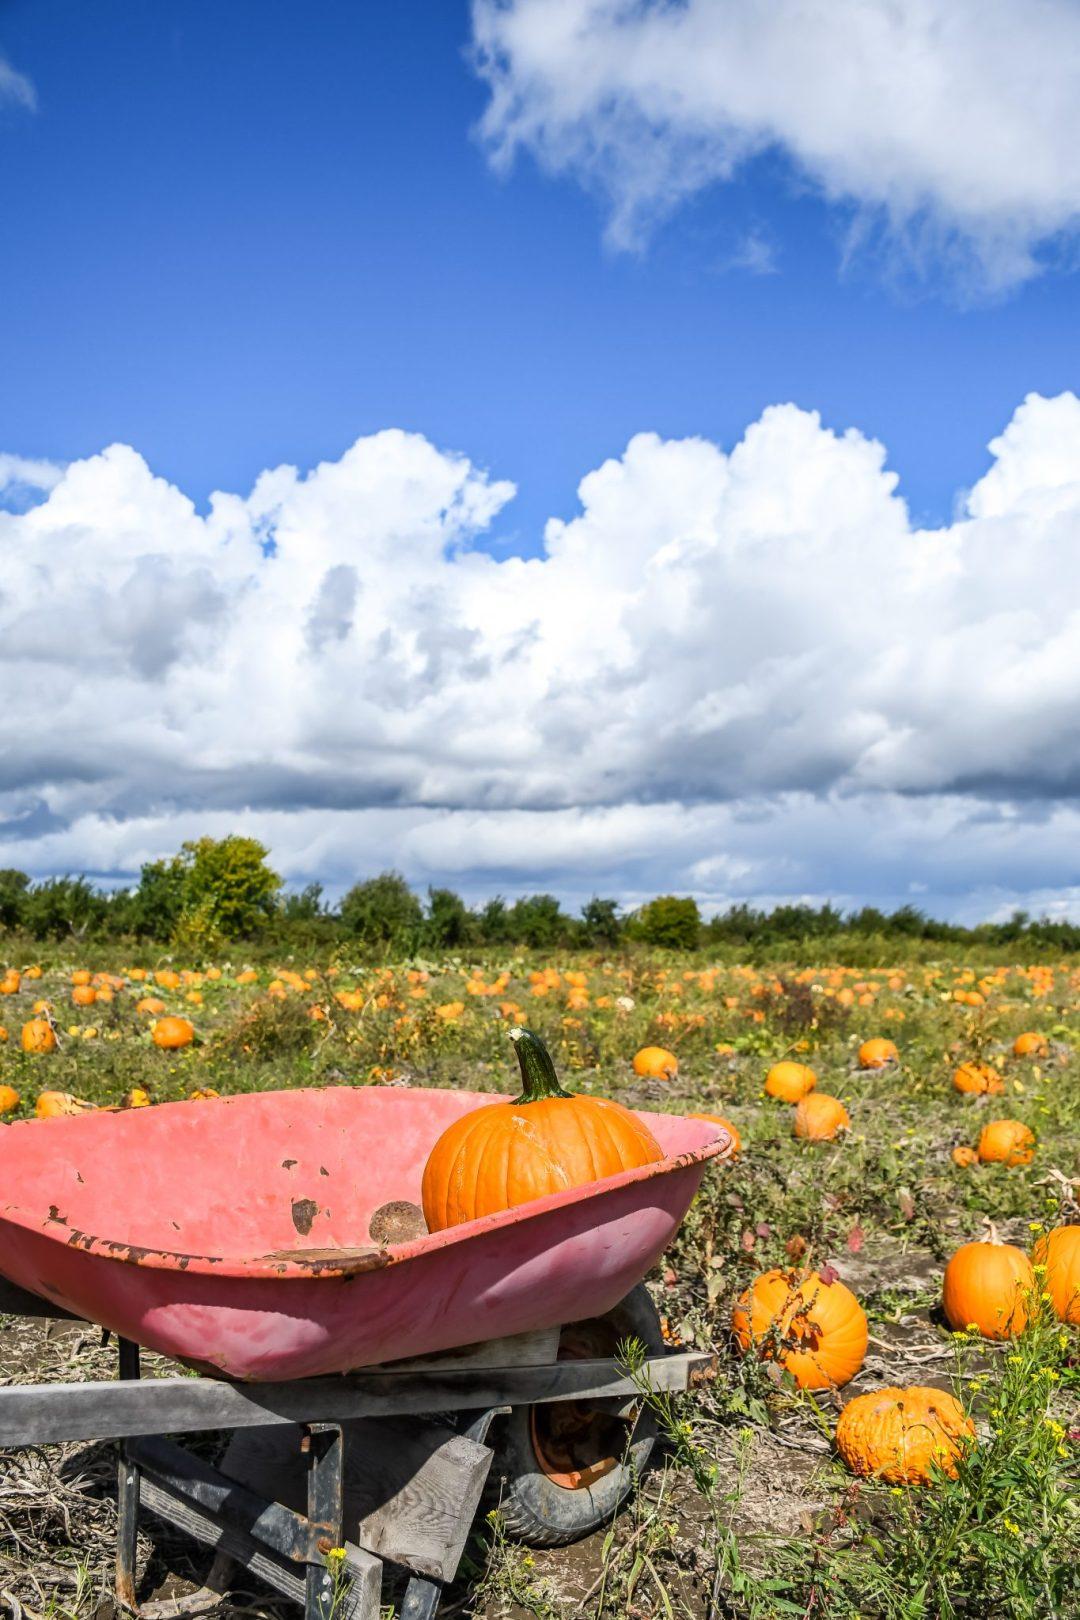 brouette champs citrouile